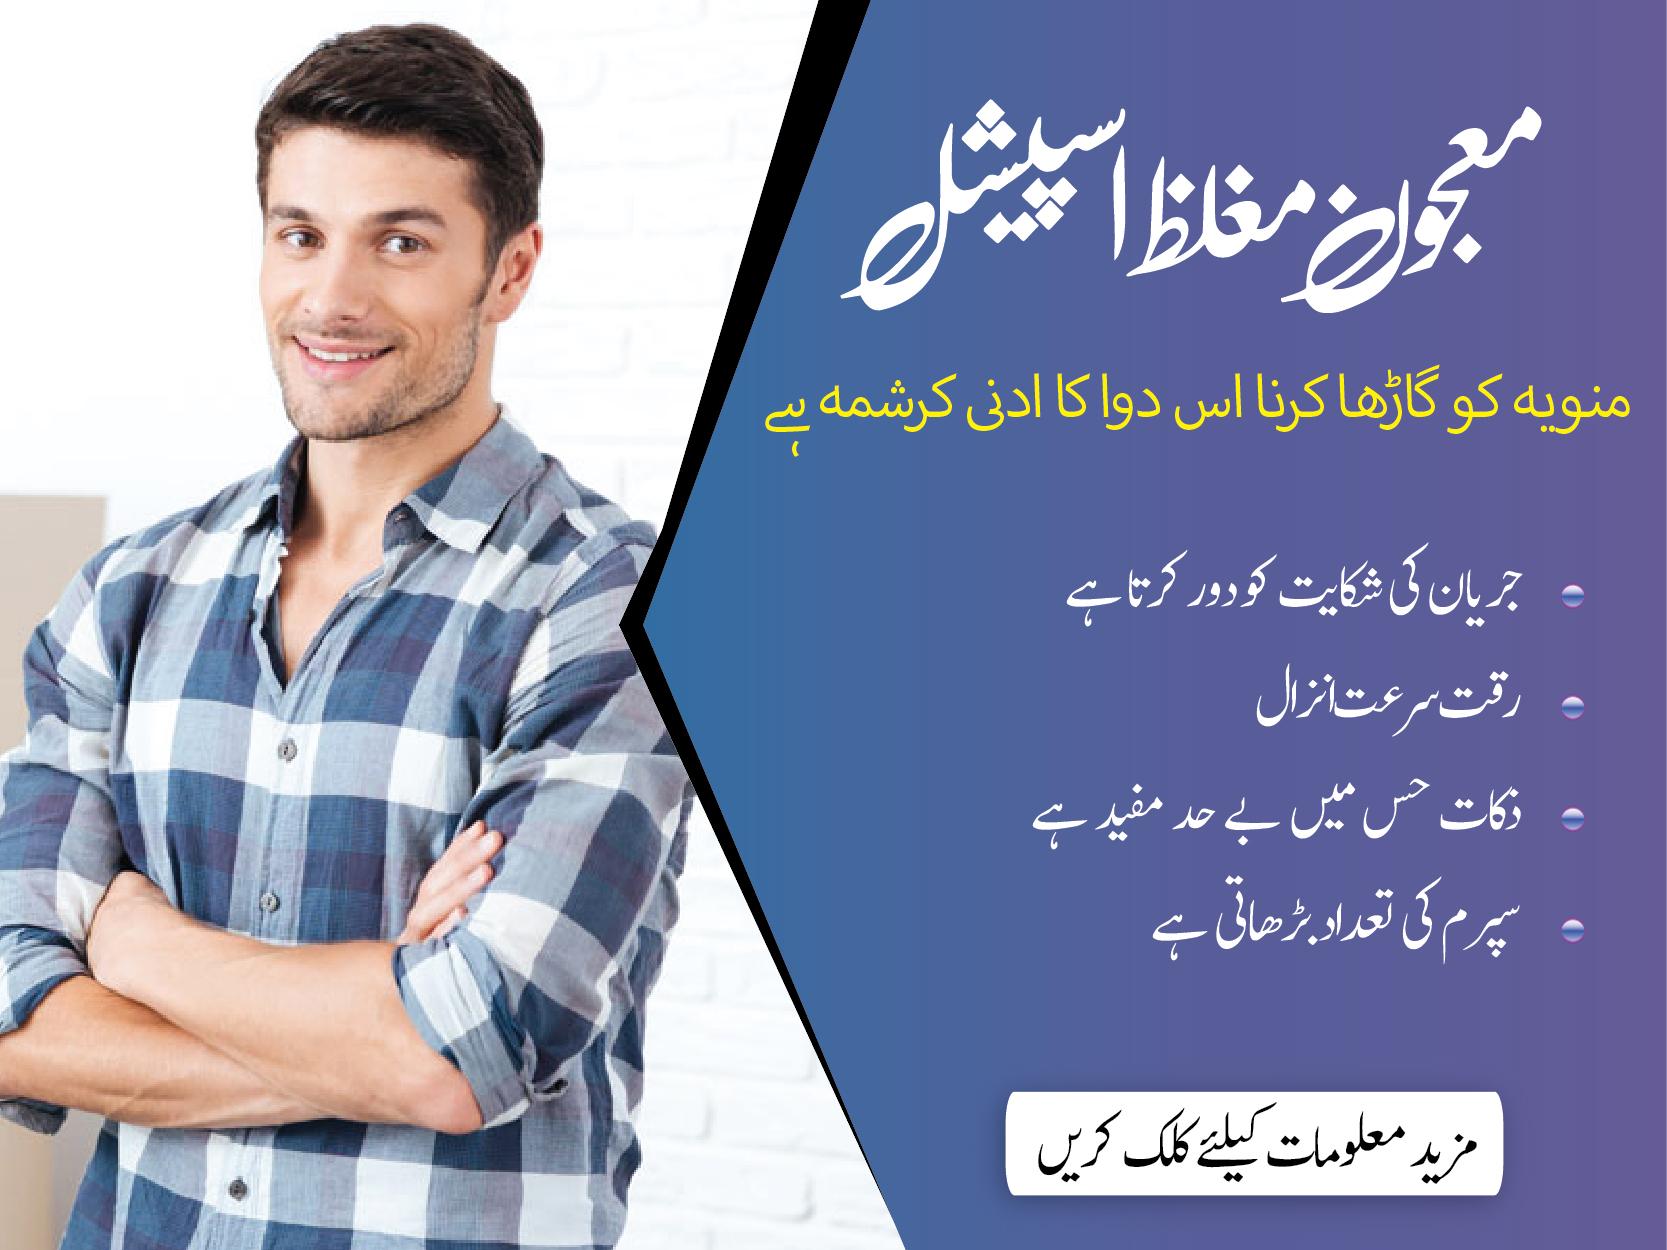 Majoon-E-Mughaliz Special Remedy